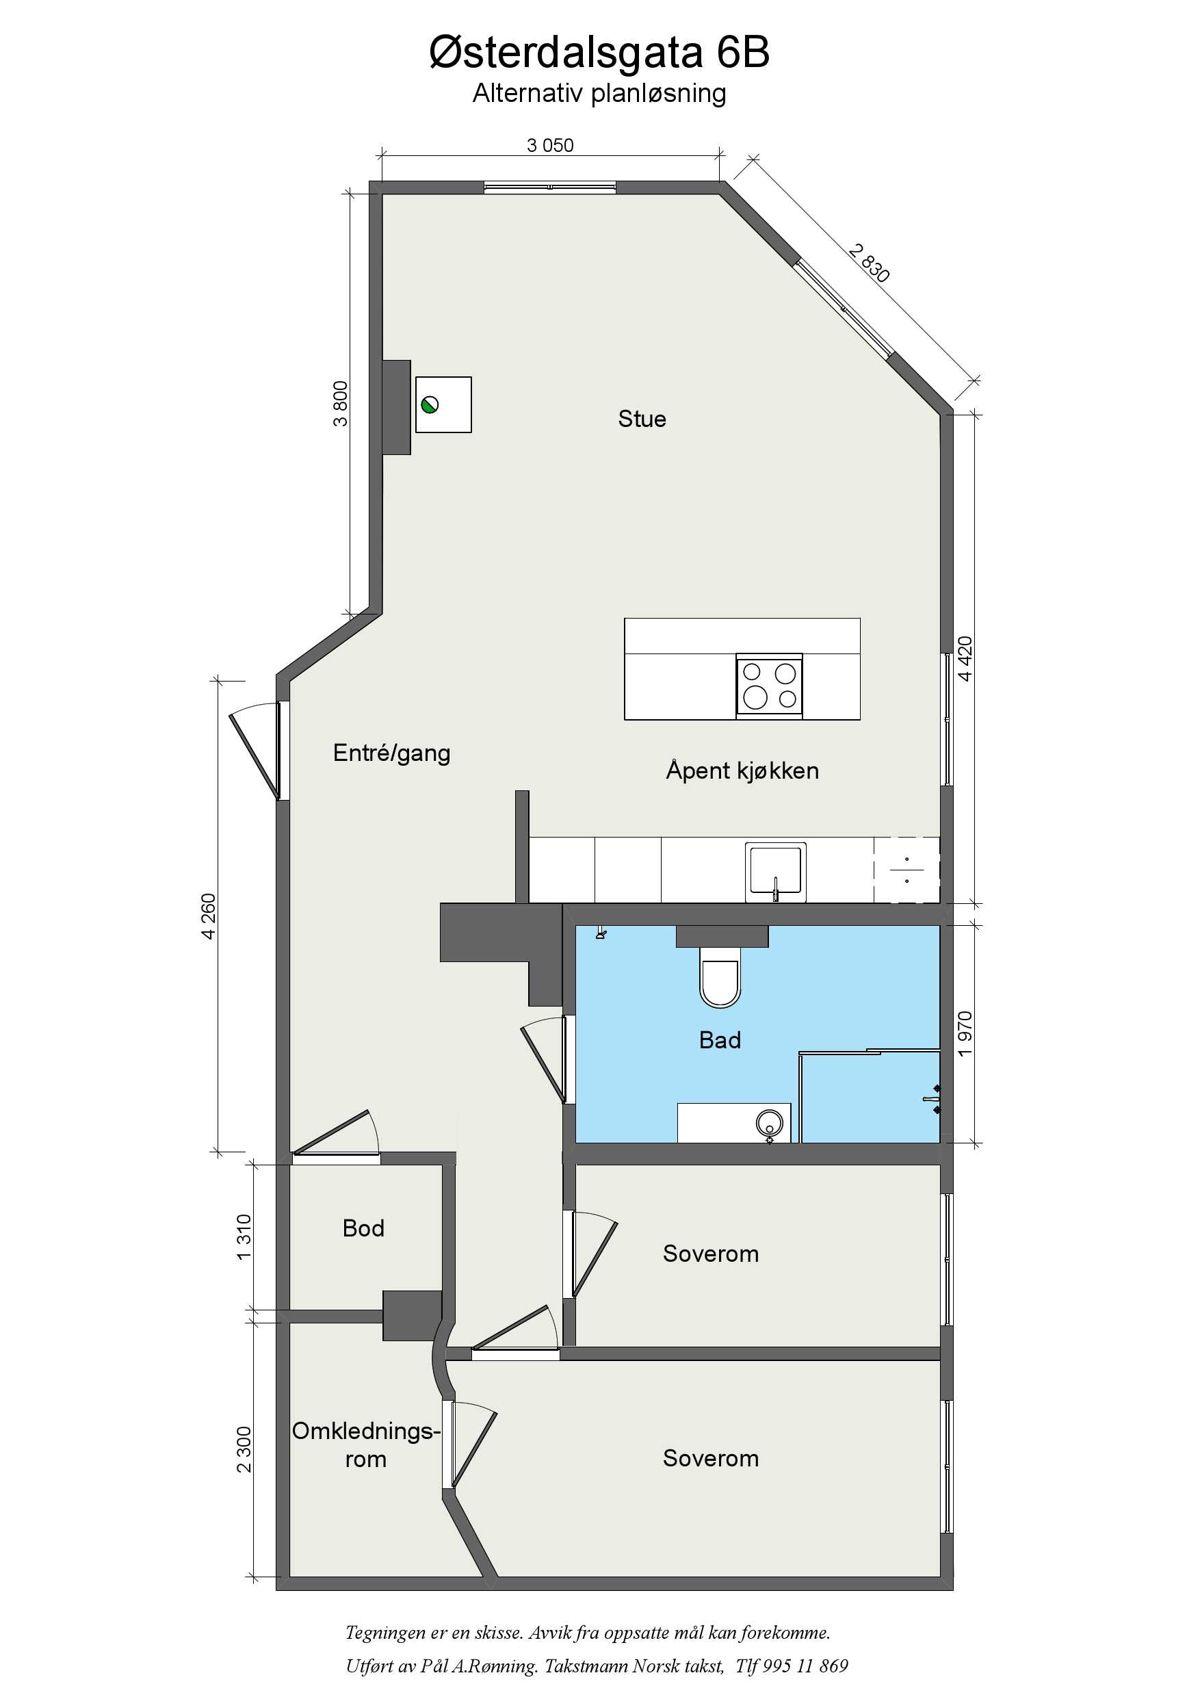 Østerdalsgata 6B Planløsningen er godt tilrettelagt for å kunne etablere en 3-roms planløsning med å gjøre om soverommet.